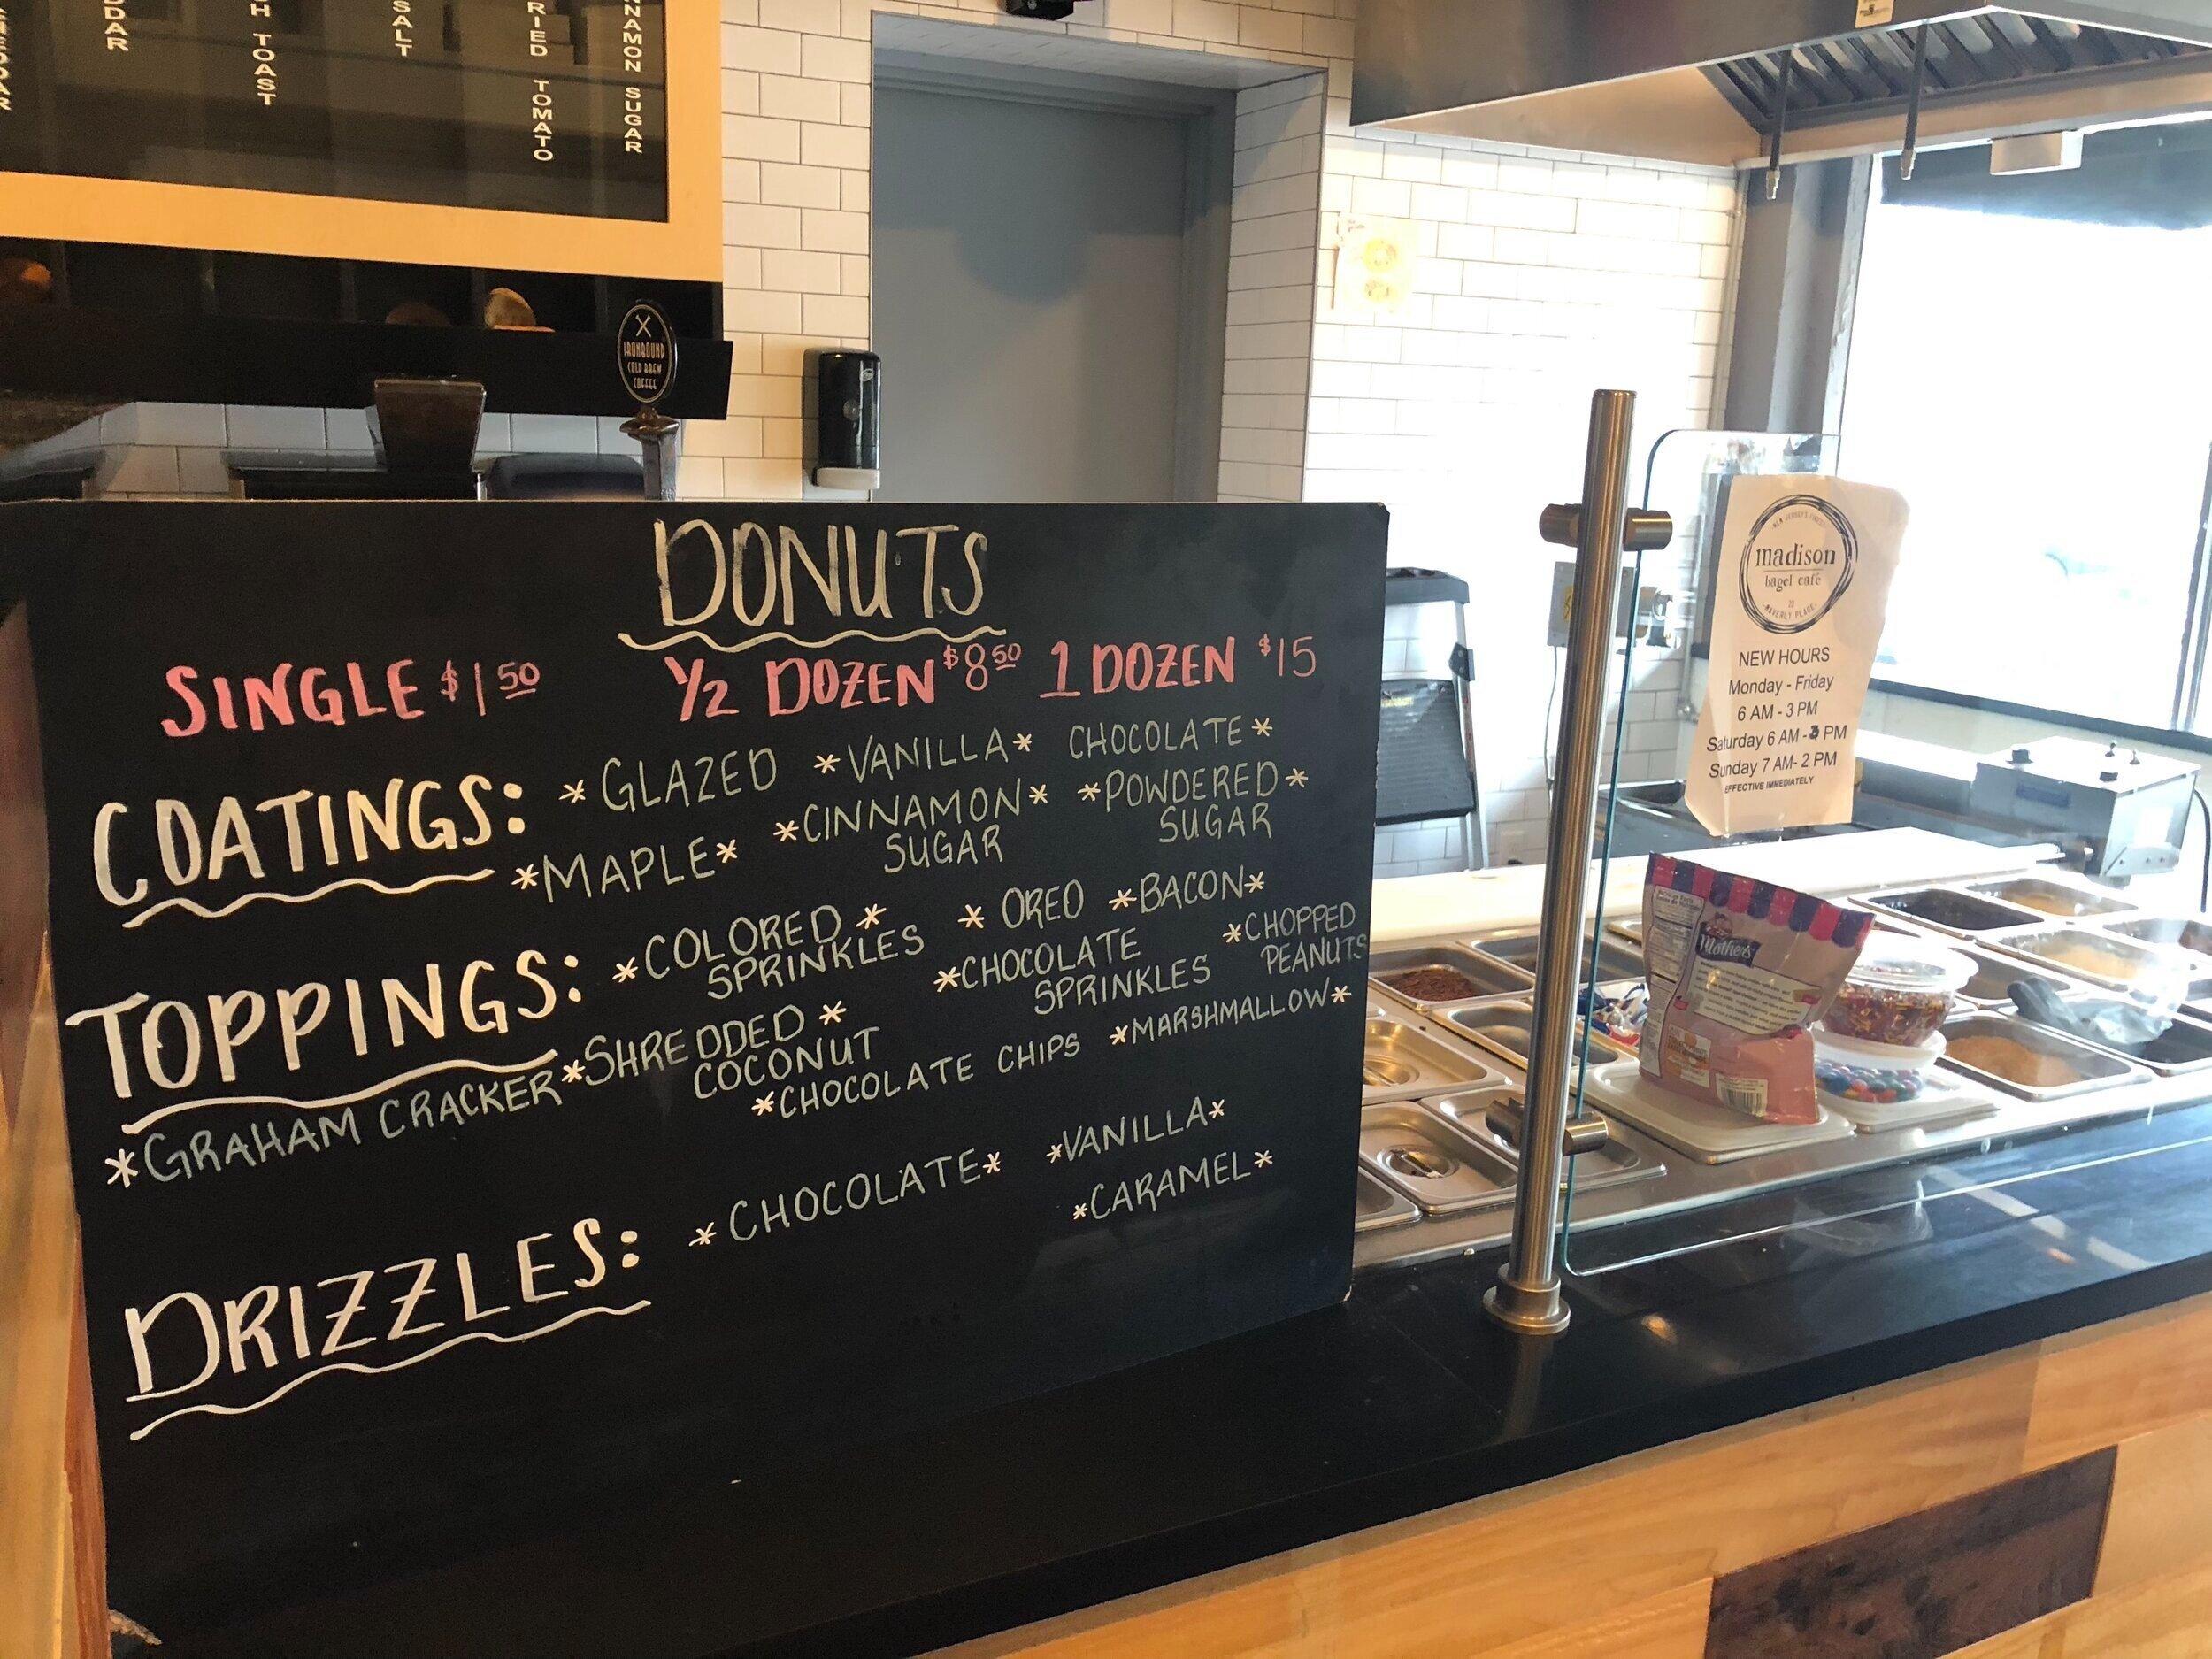 donut+menu.jpg